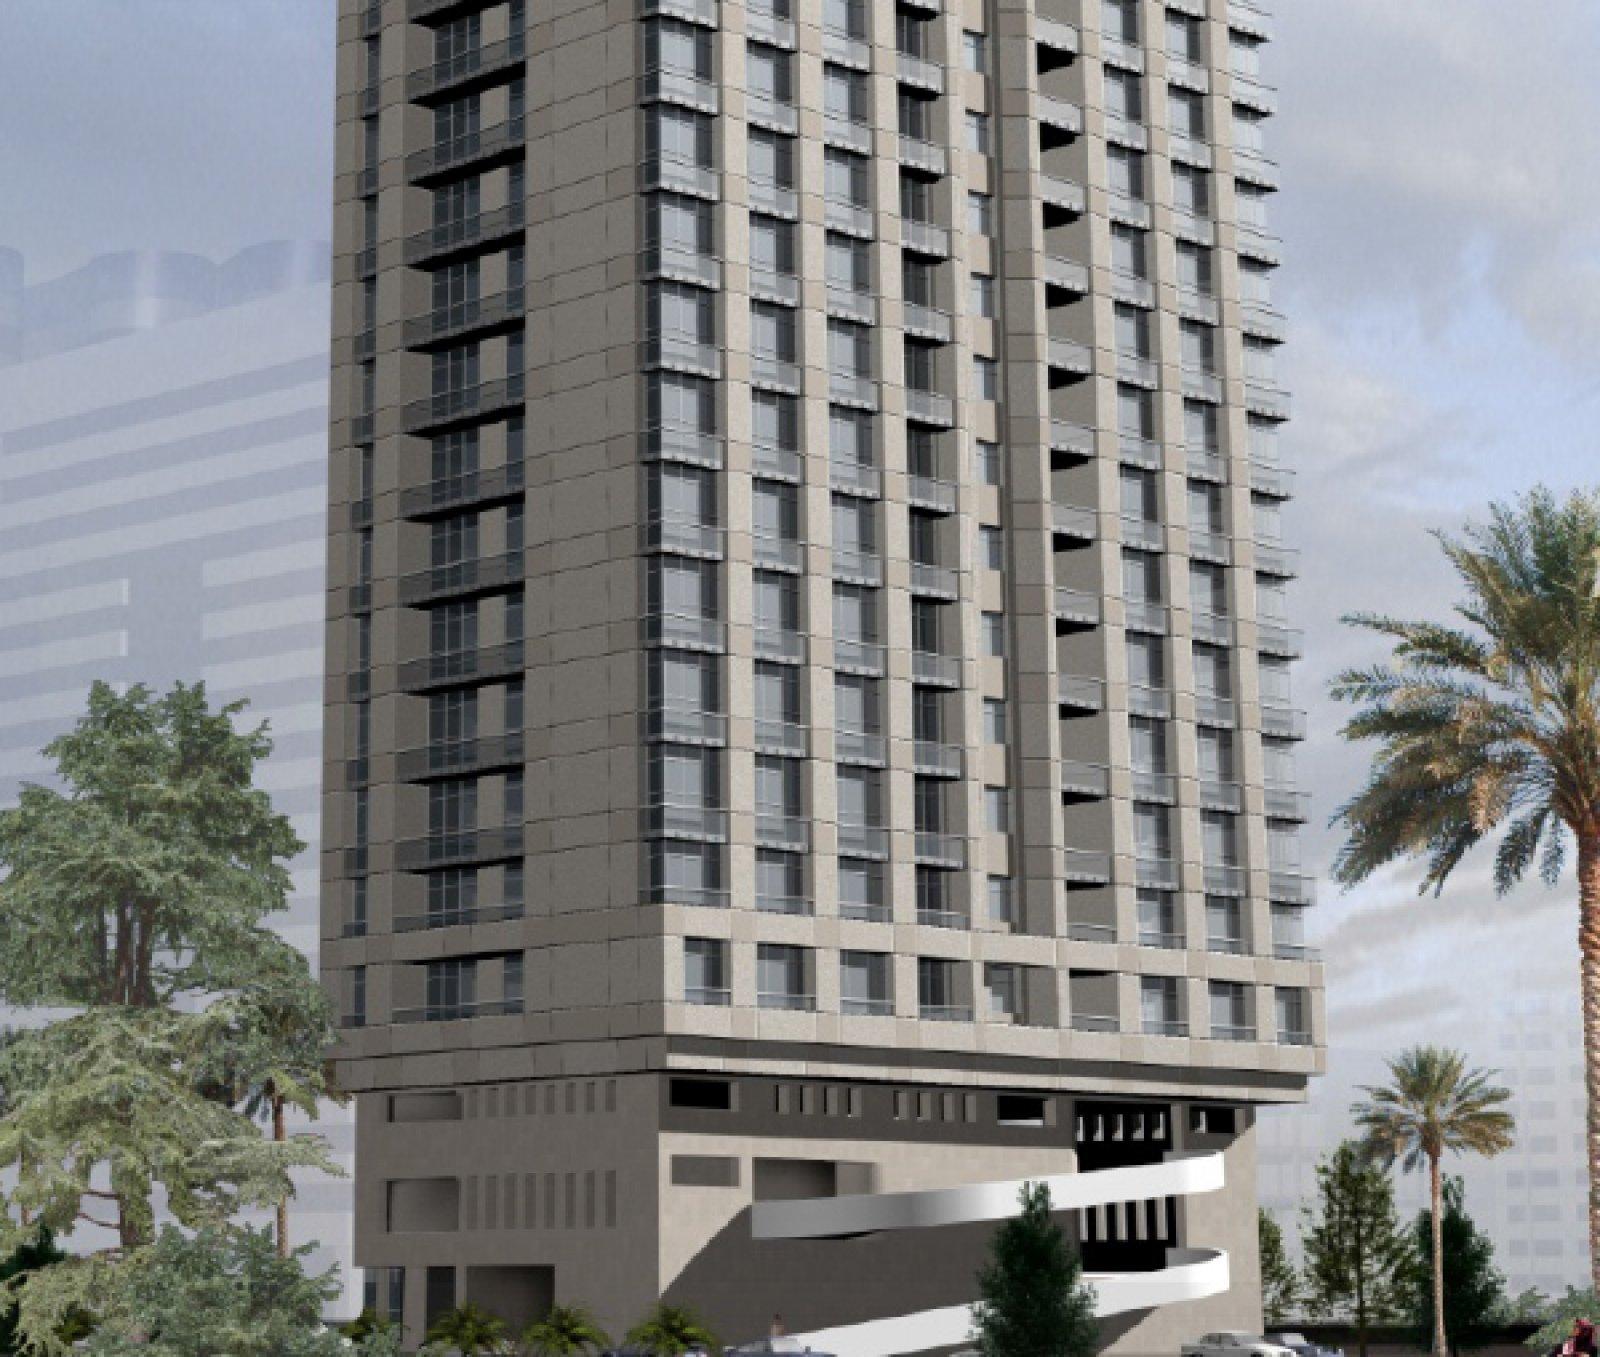 Sh. Latifa Saif Bin Mohd Tower, B.A.E.